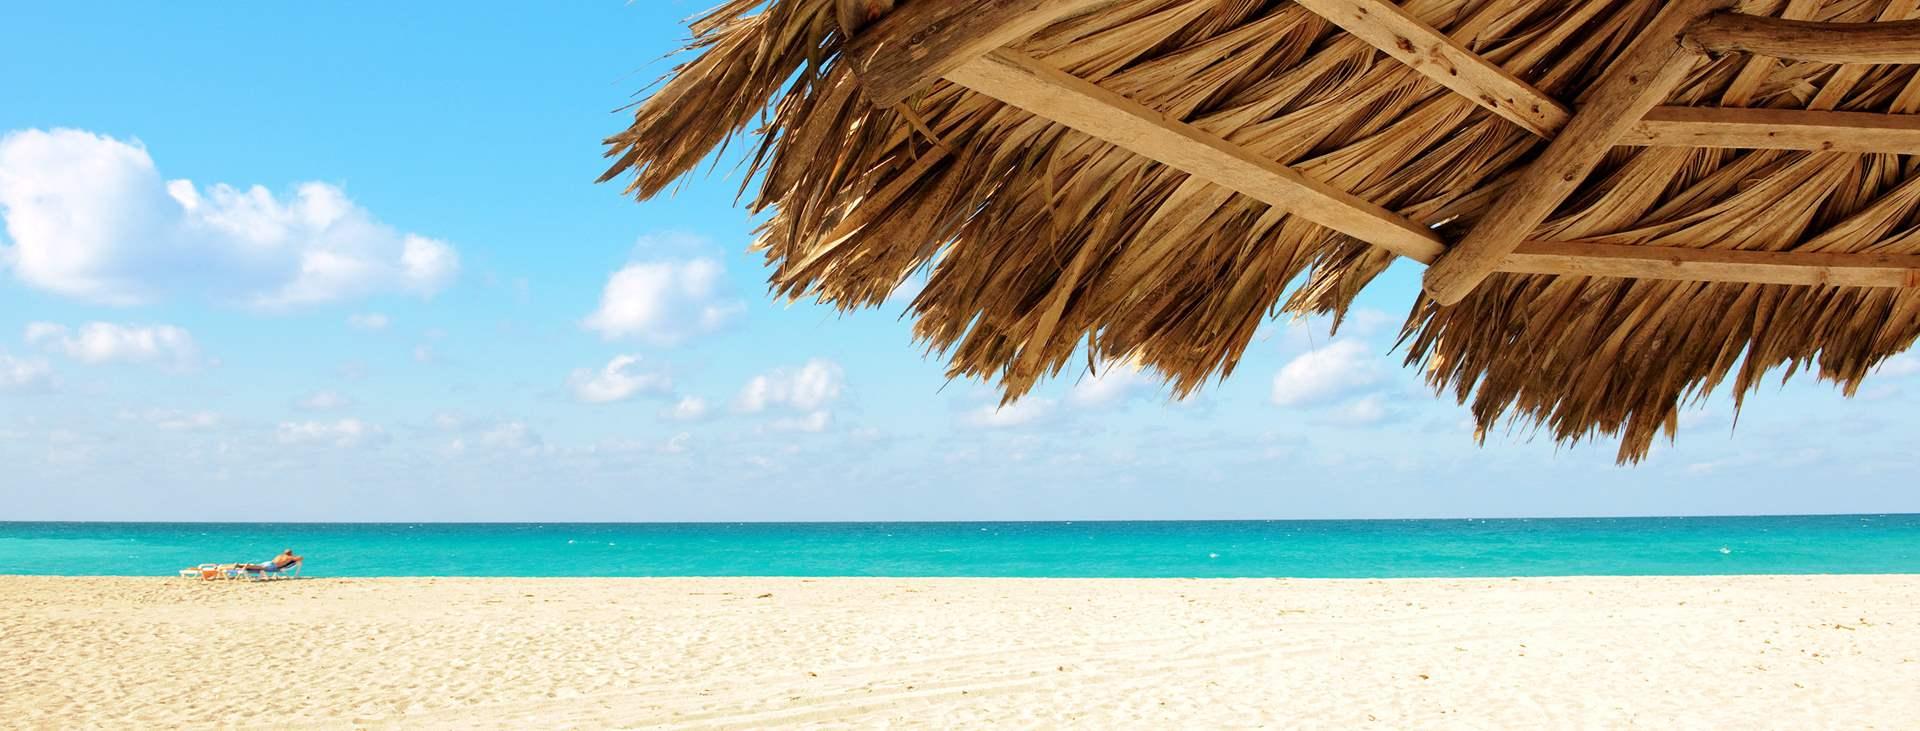 Reiser til Varadero på Cuba